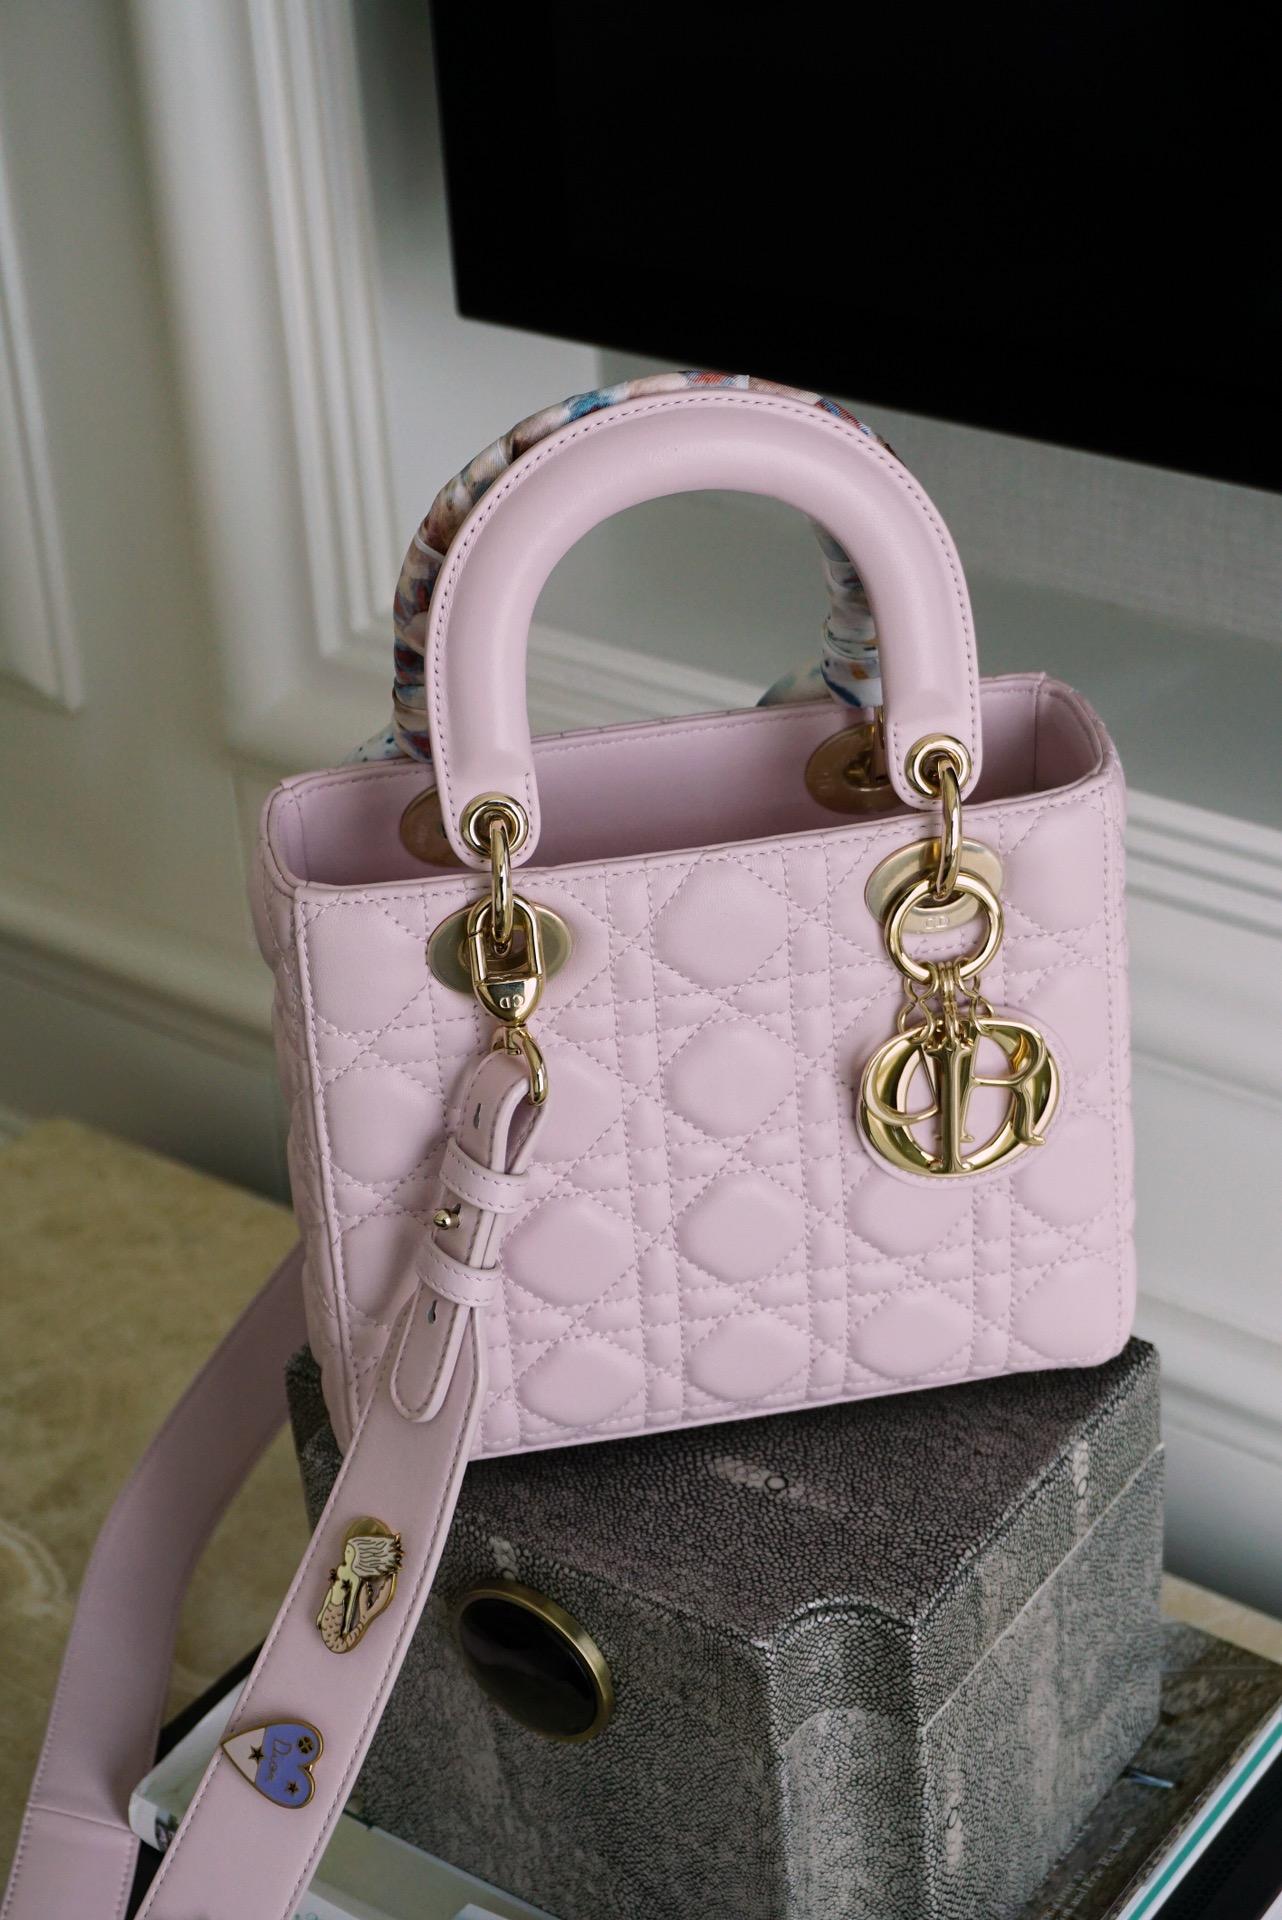 Dior 迪奥 四格 淡粉色 金扣 小羊皮 优雅又少女 戴妃包 Lady Dior